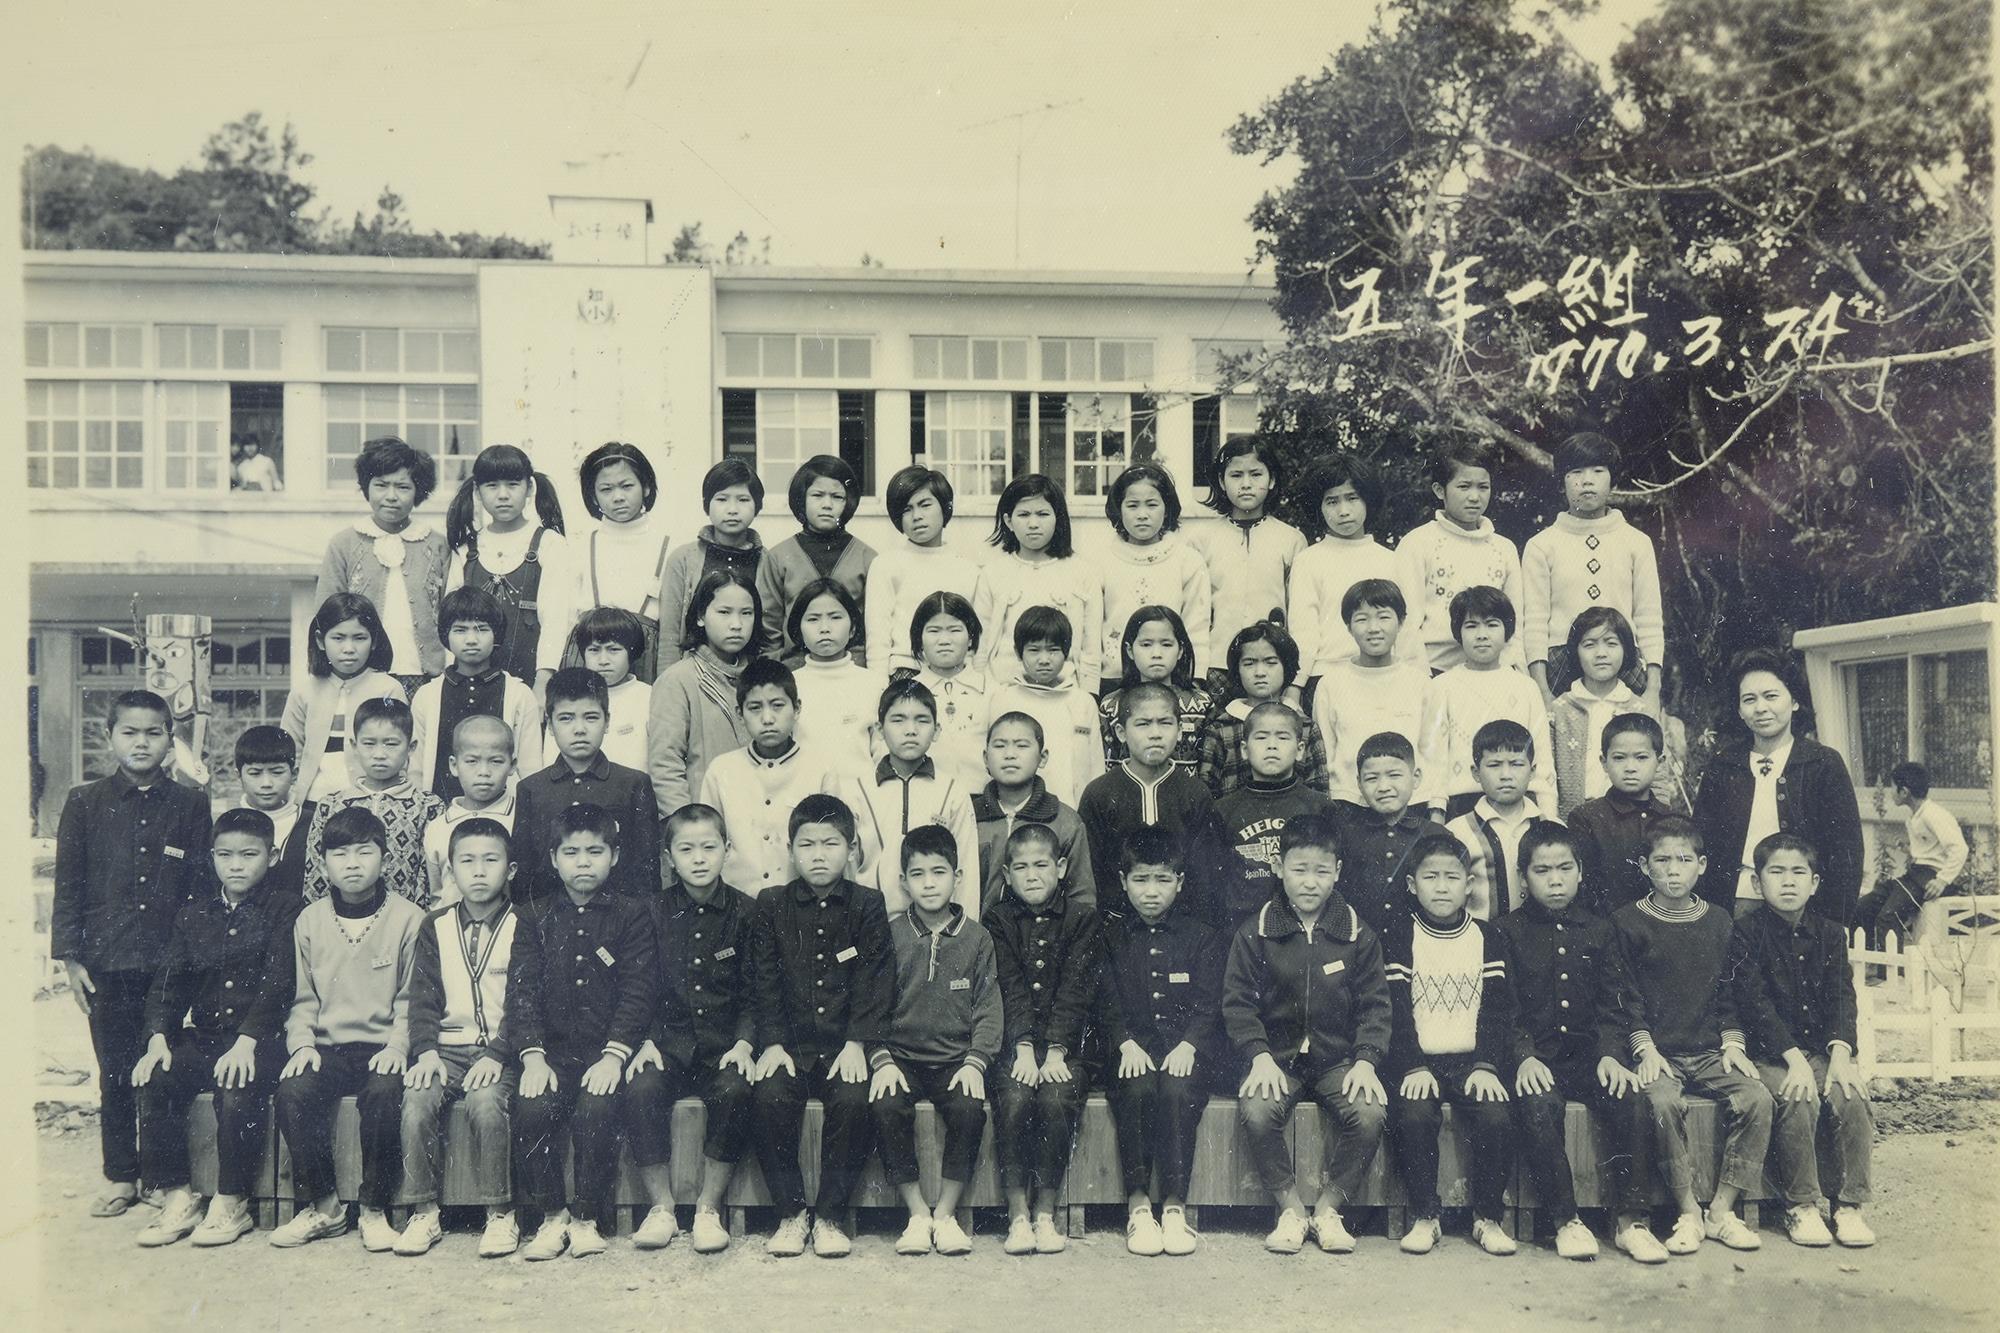 人口は少ないが常に子どもたちが大勢いた久手堅 / 南城市 旧知念村久手堅(その2)|おきなわアーカイブ